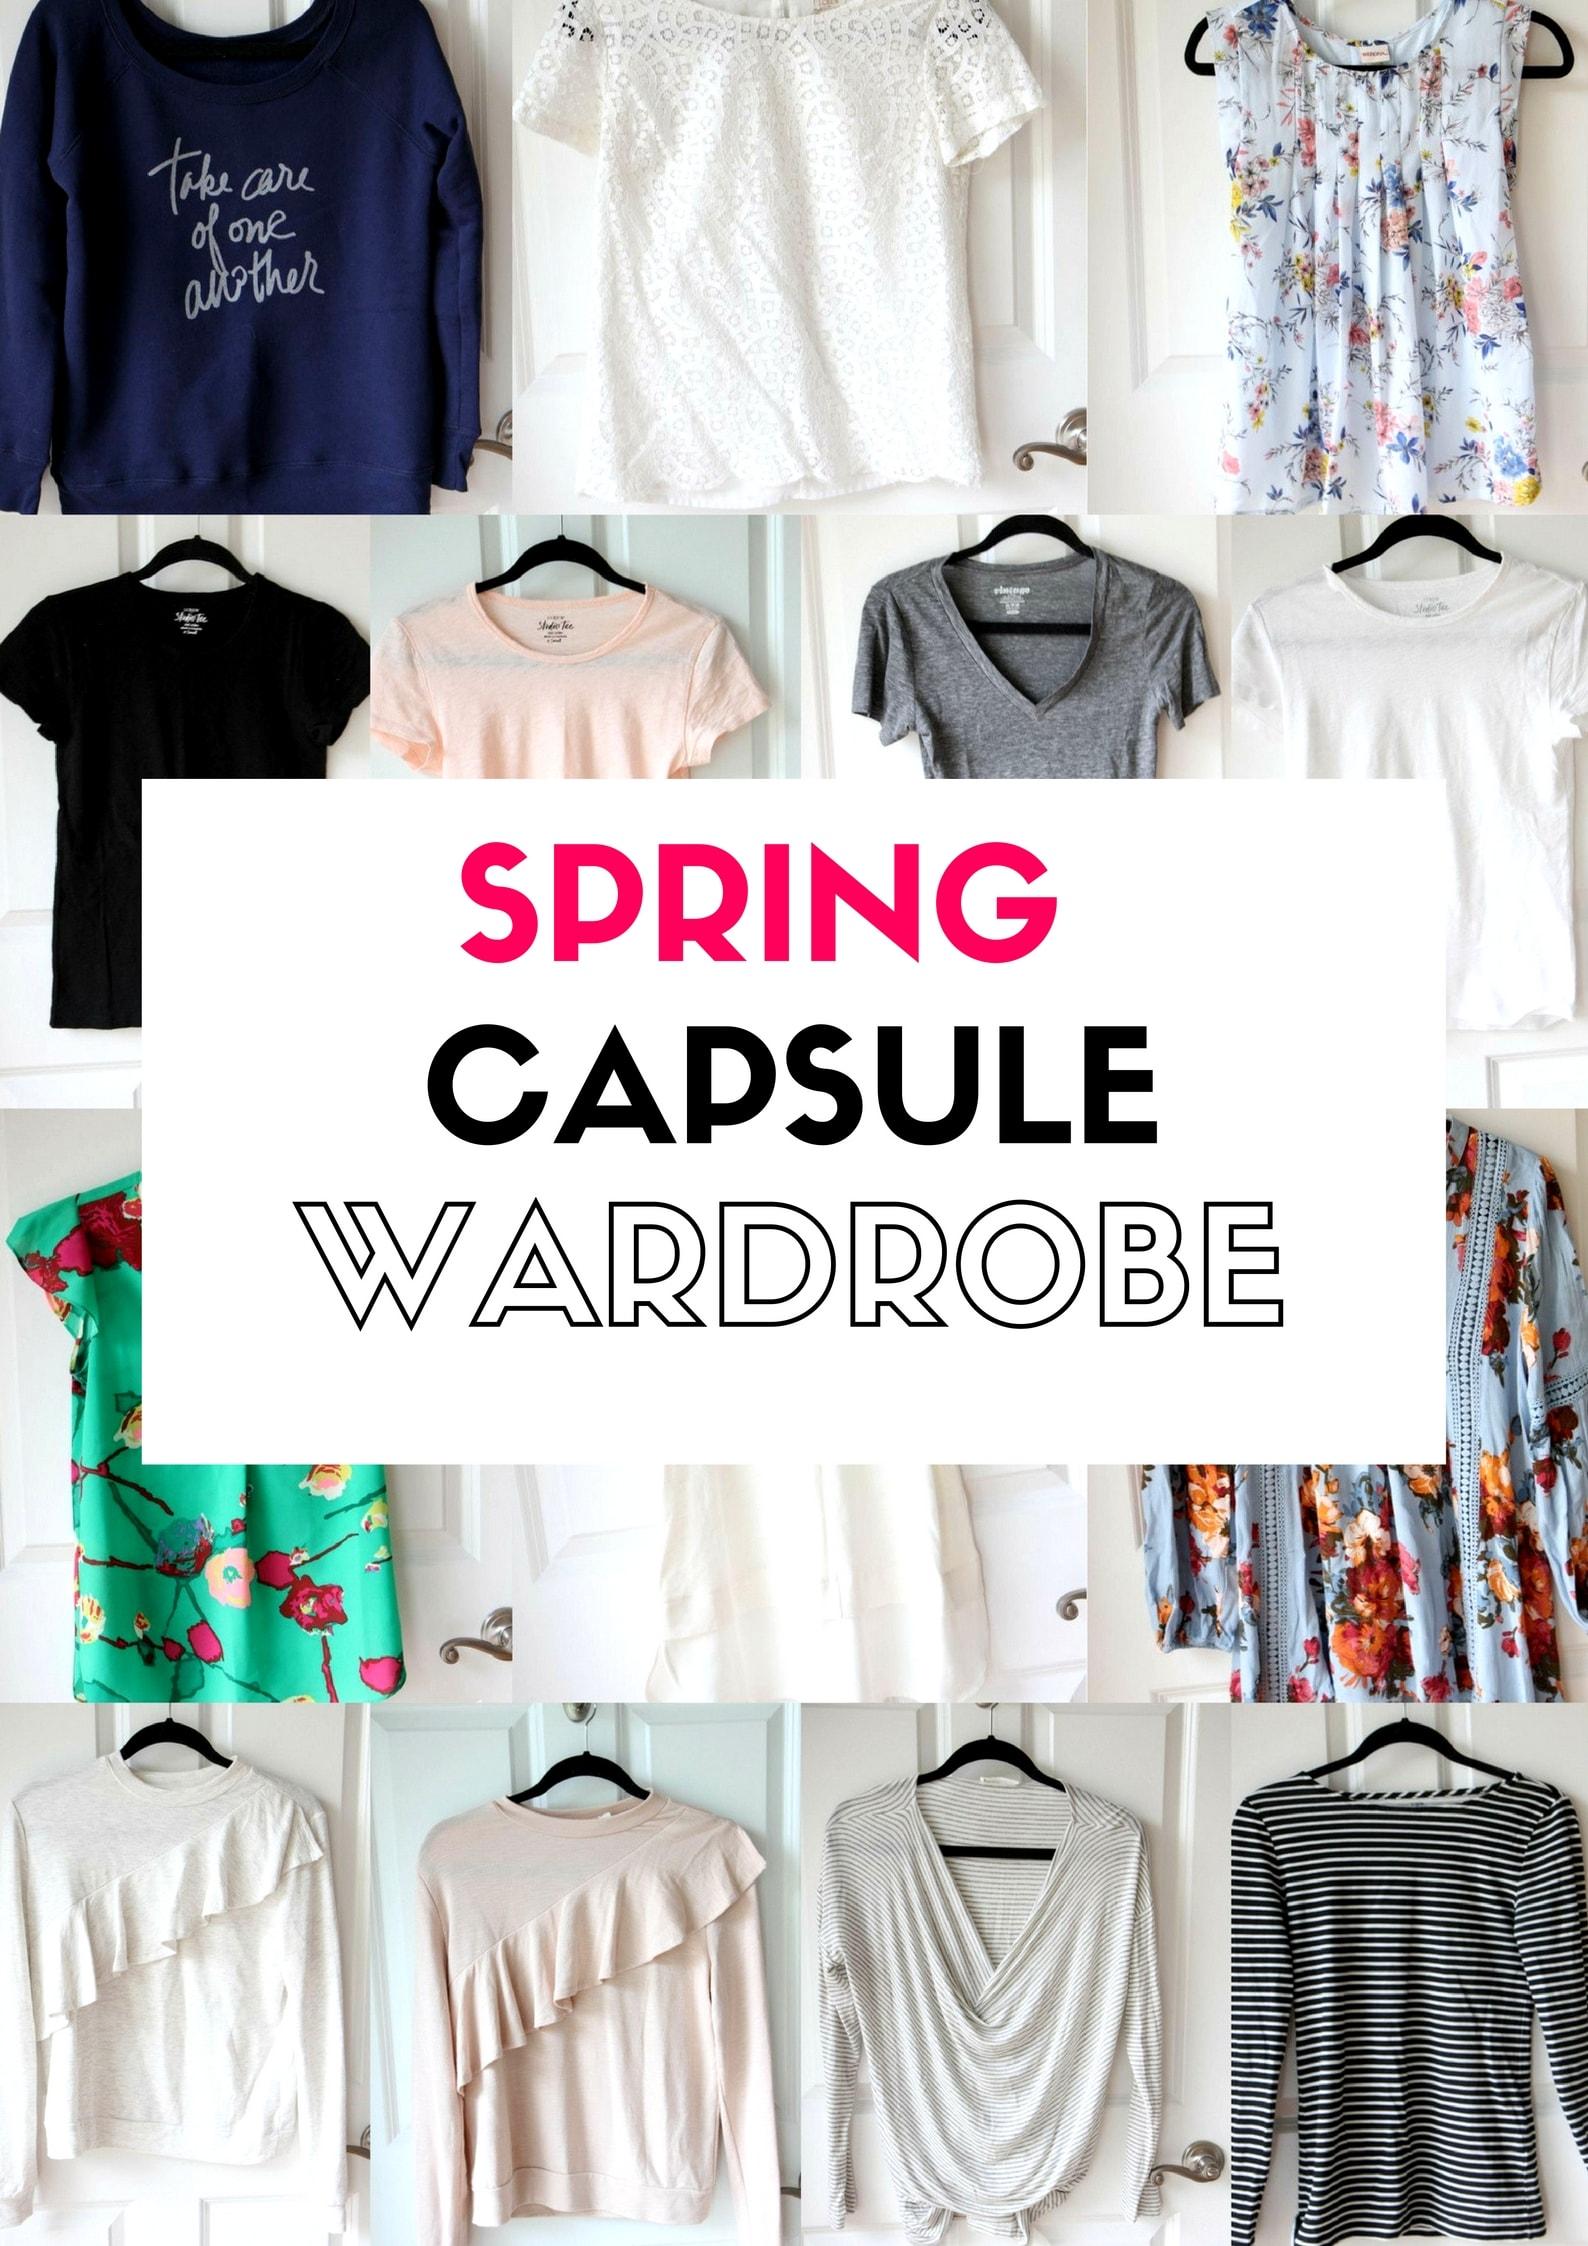 Spring 2017 Capsule Wardrobe from MomAdvice.com